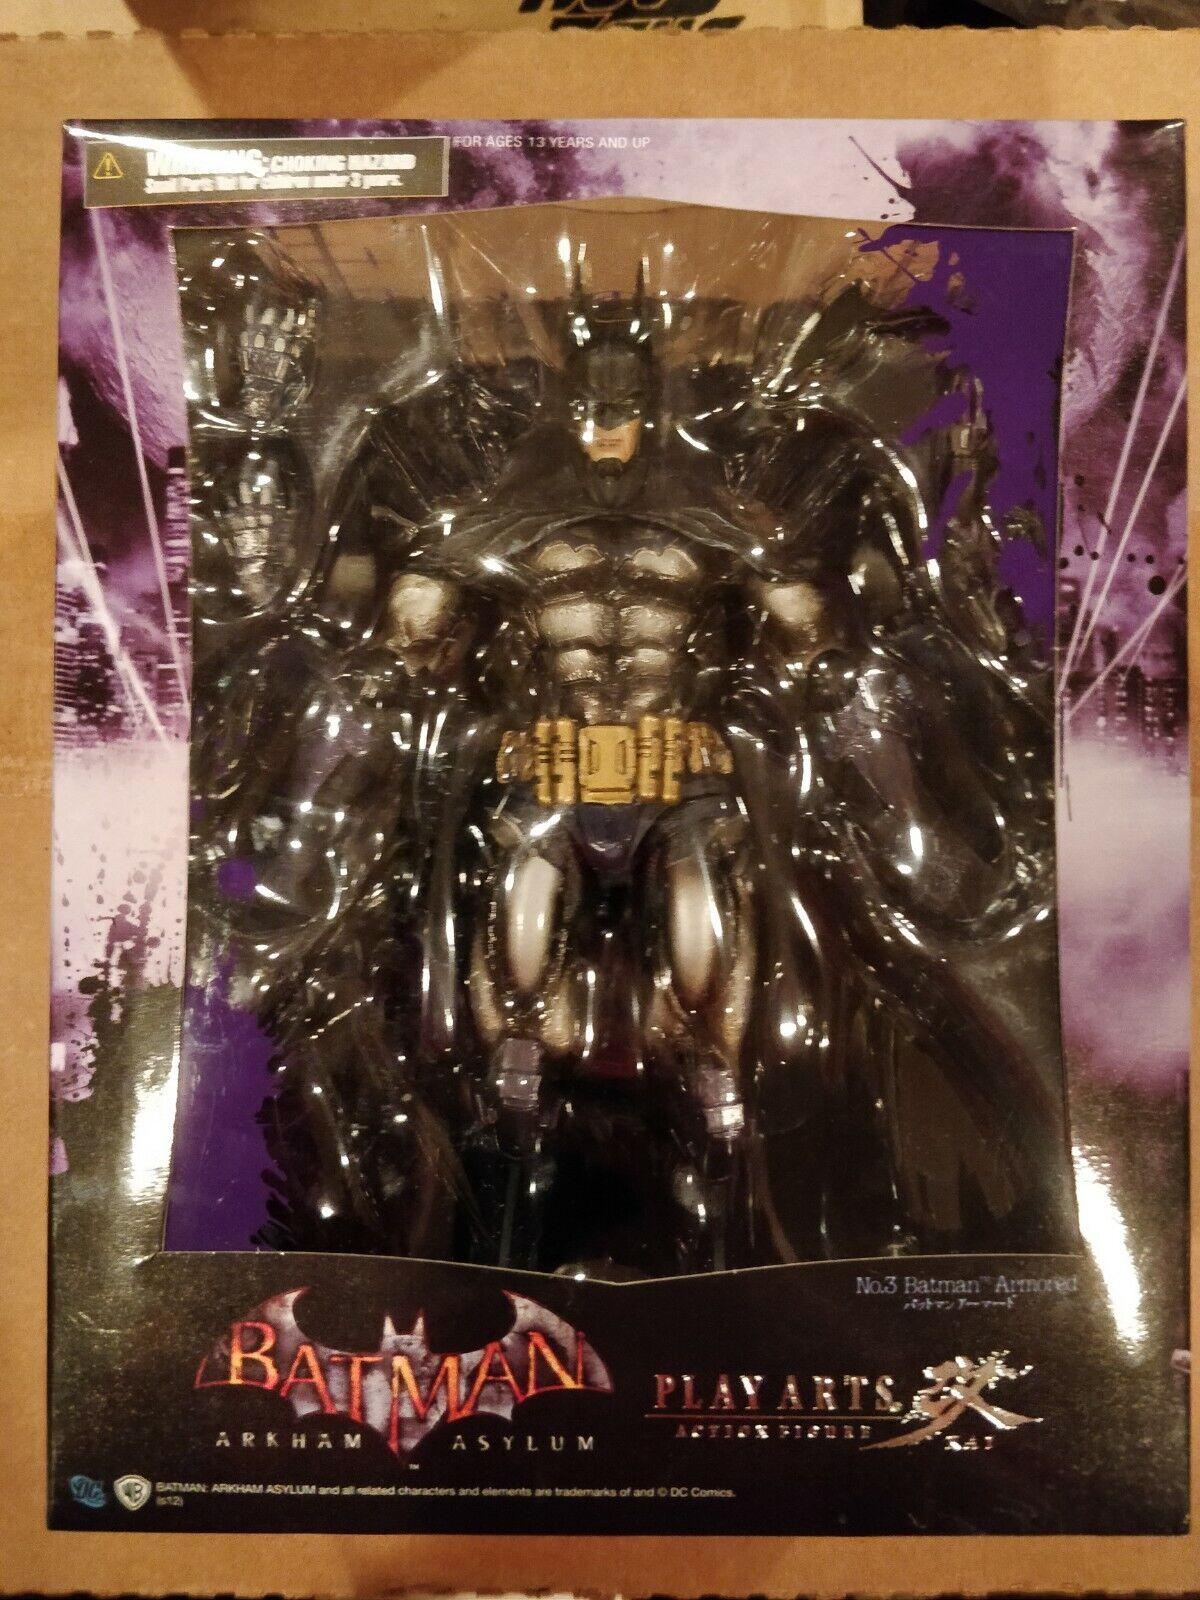 Play Arts Kai Armored Batman Arkham Asylum Figure